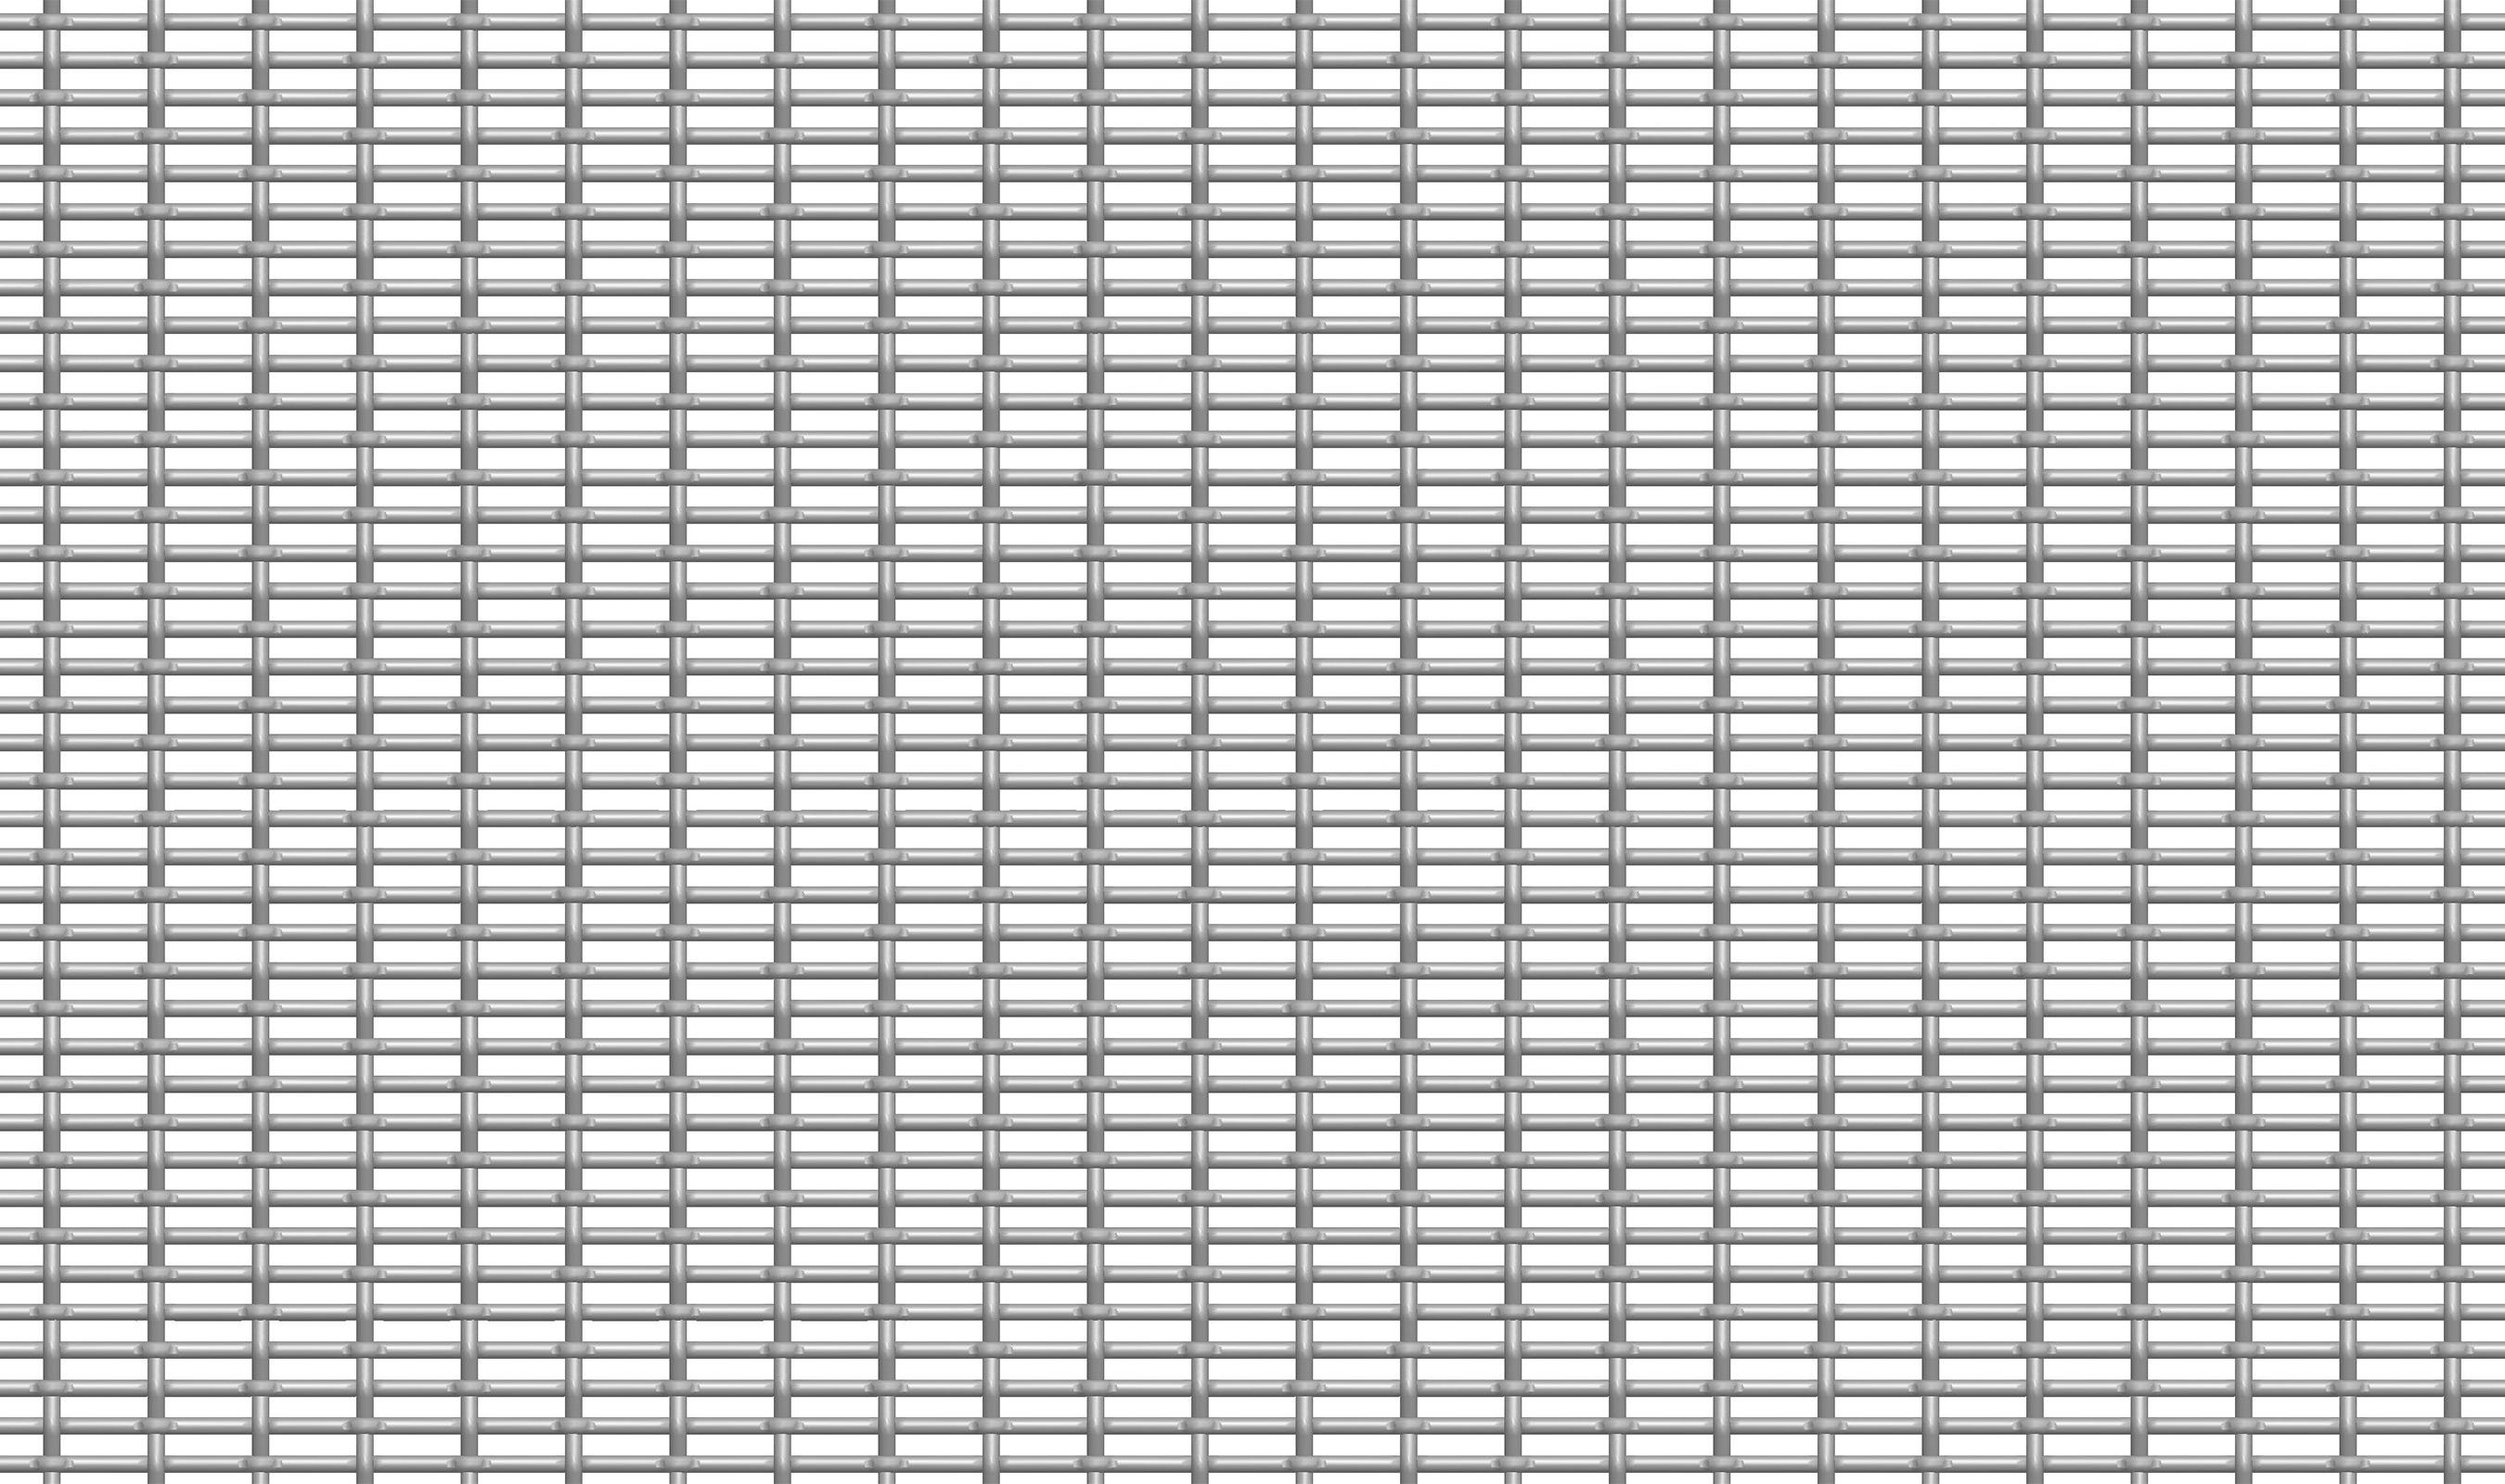 LPZ-51 Woven Wire Mesh Pattern